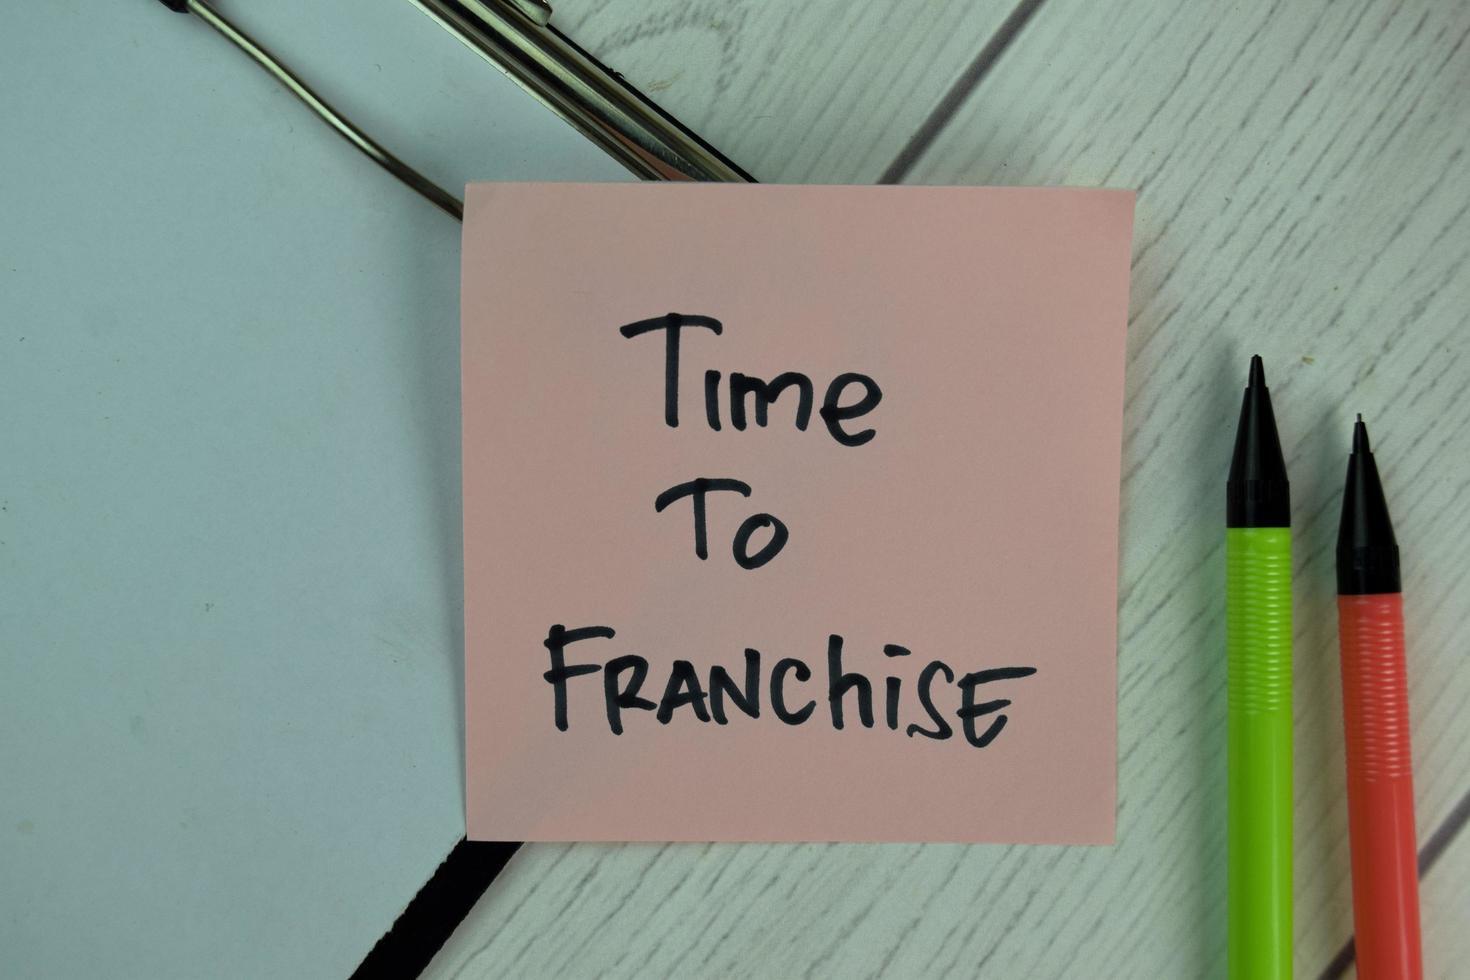 Zeit zum Franchise geschrieben auf Haftnotiz isoliert auf Holztisch foto